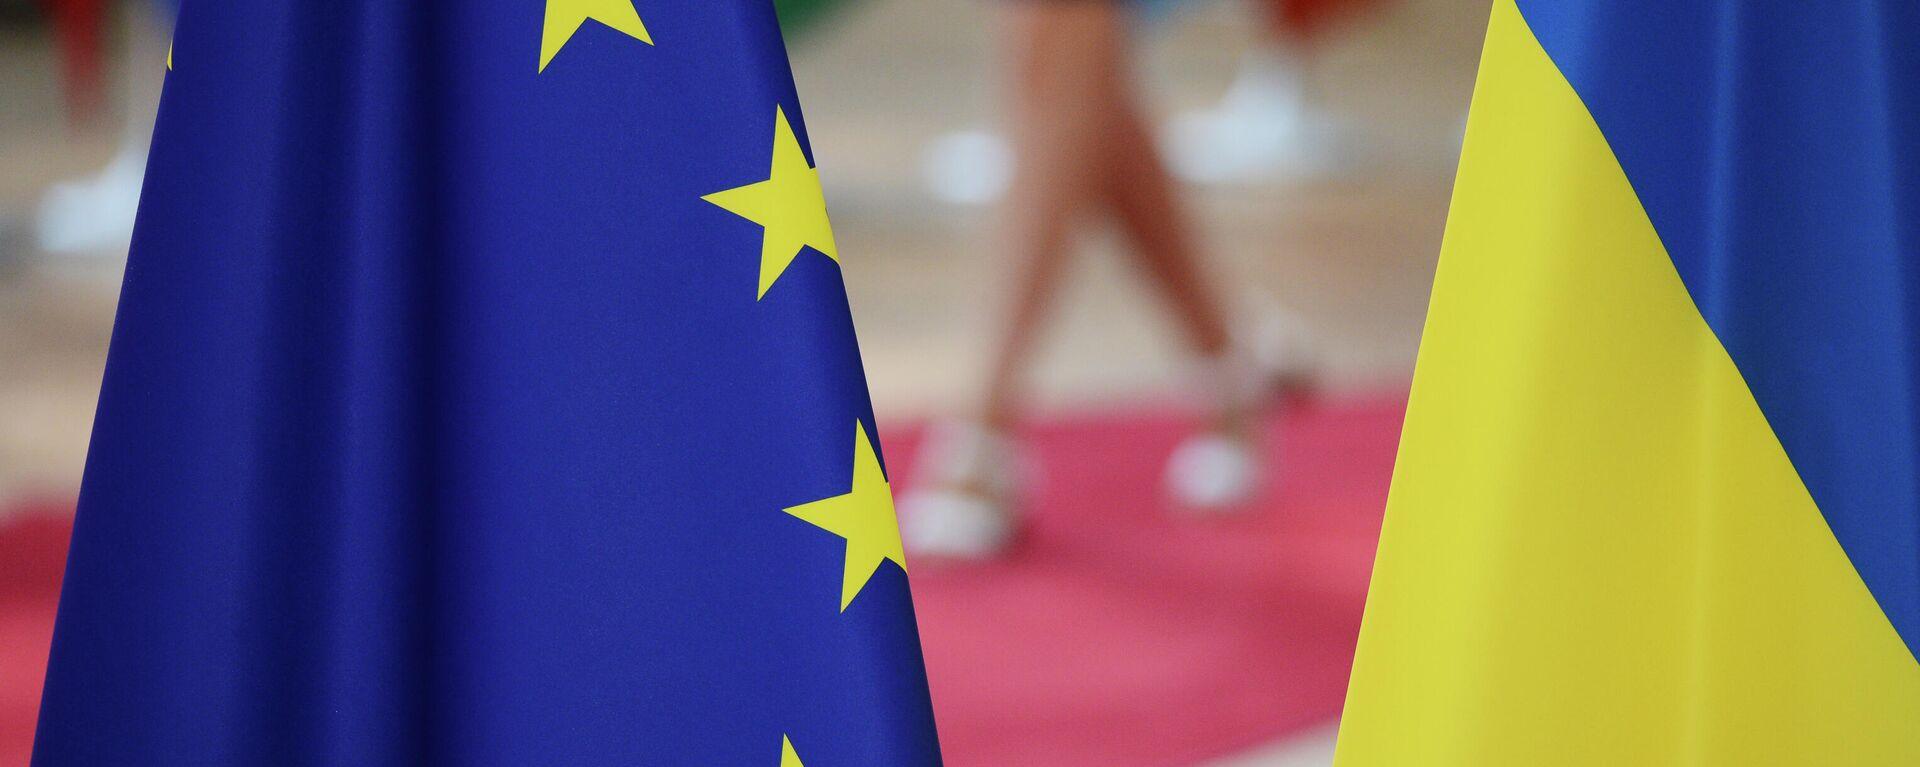 Флаги Украины и Европейского Союза. - Sputnik Ўзбекистон, 1920, 23.08.2021